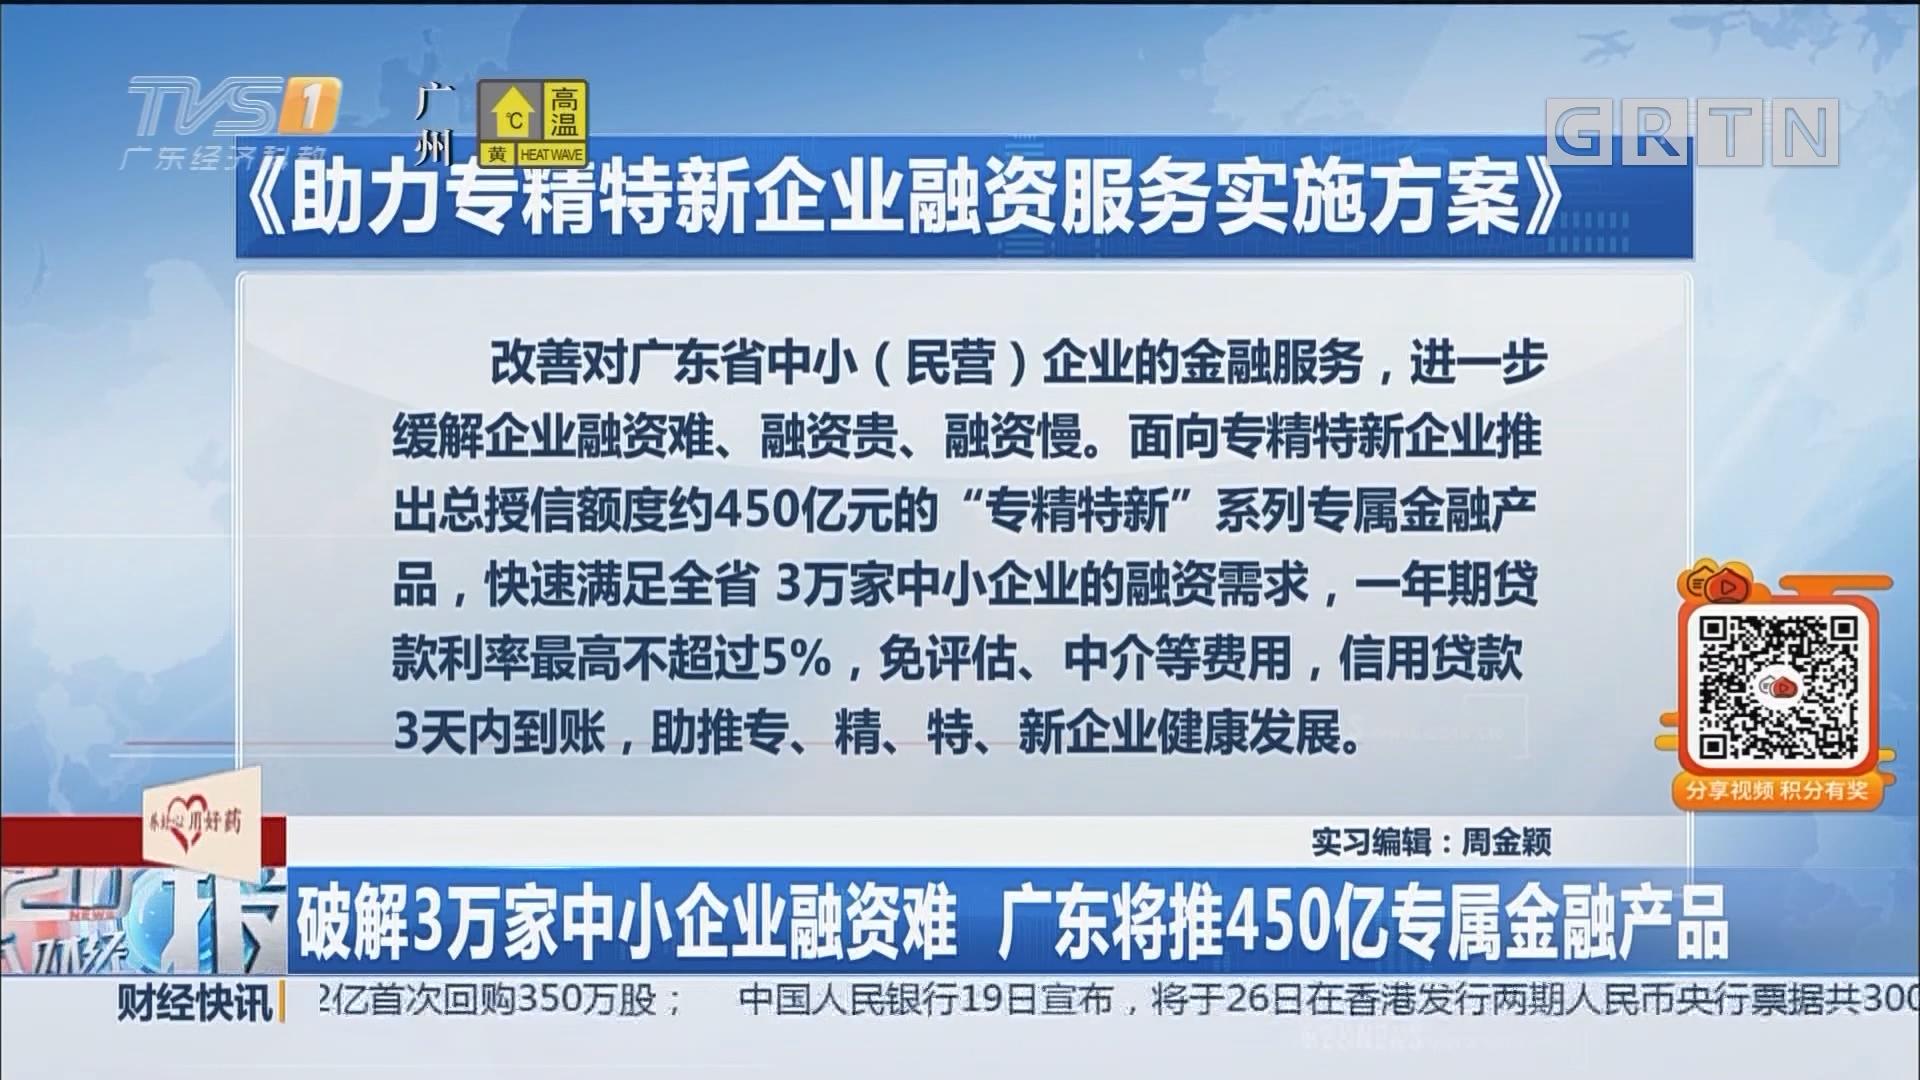 破解3万家中小企业融资难 广东将推450亿专属金融产品